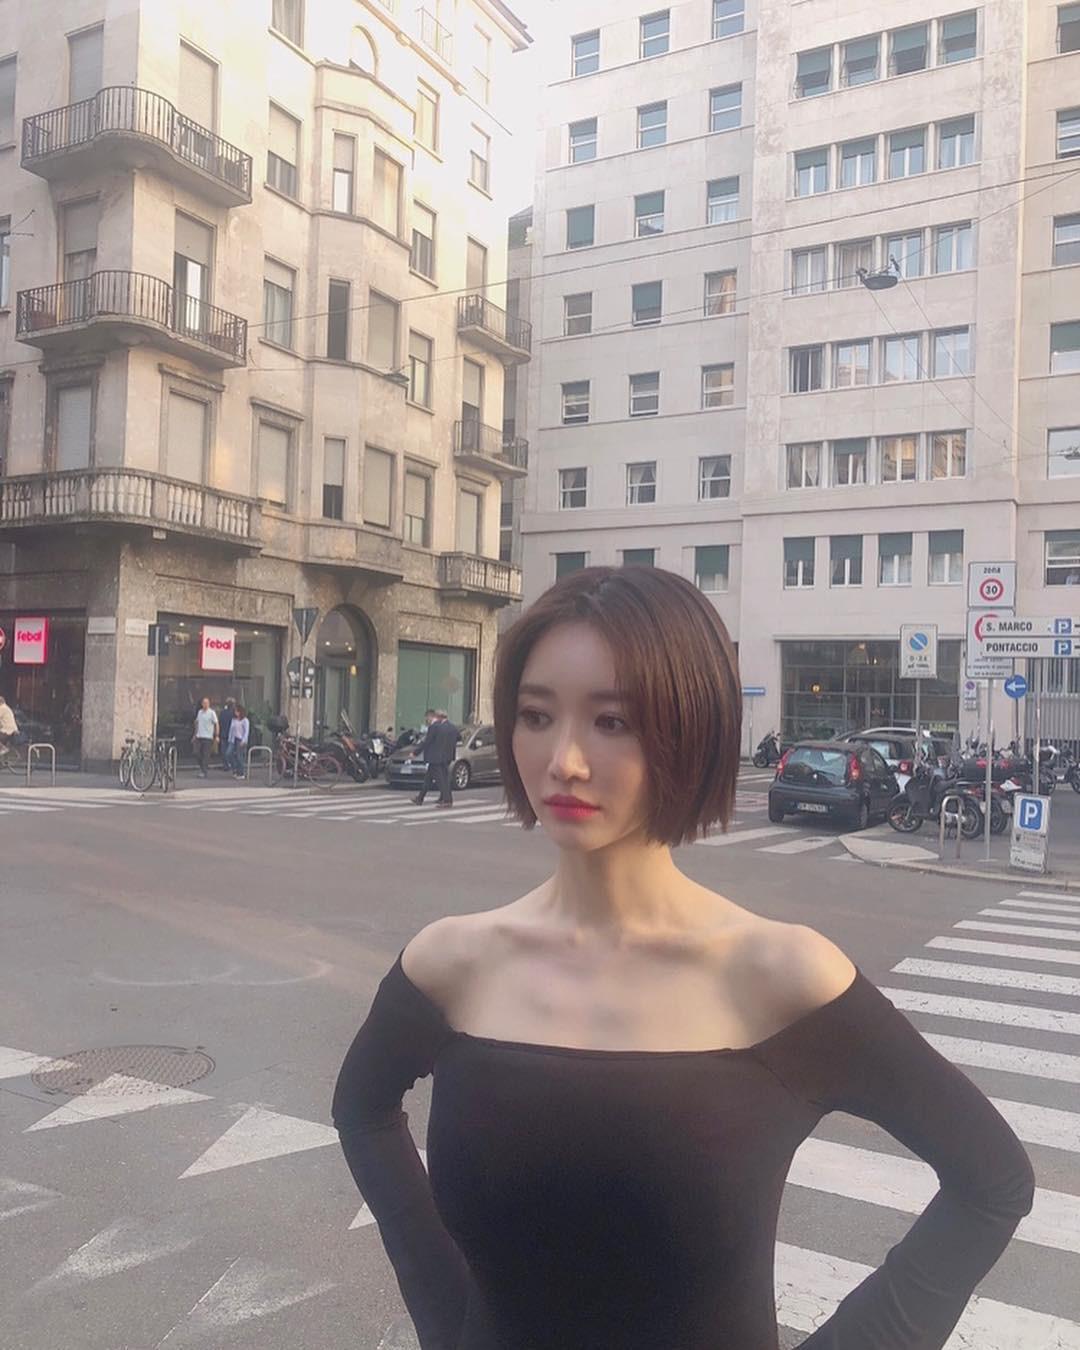 Nổi tiếng cổ dài gợi cảm nhưng vì chiếc áo này mà ưu điểm của Go Joon Hee lại trở nên đáng sợ - Ảnh 3.